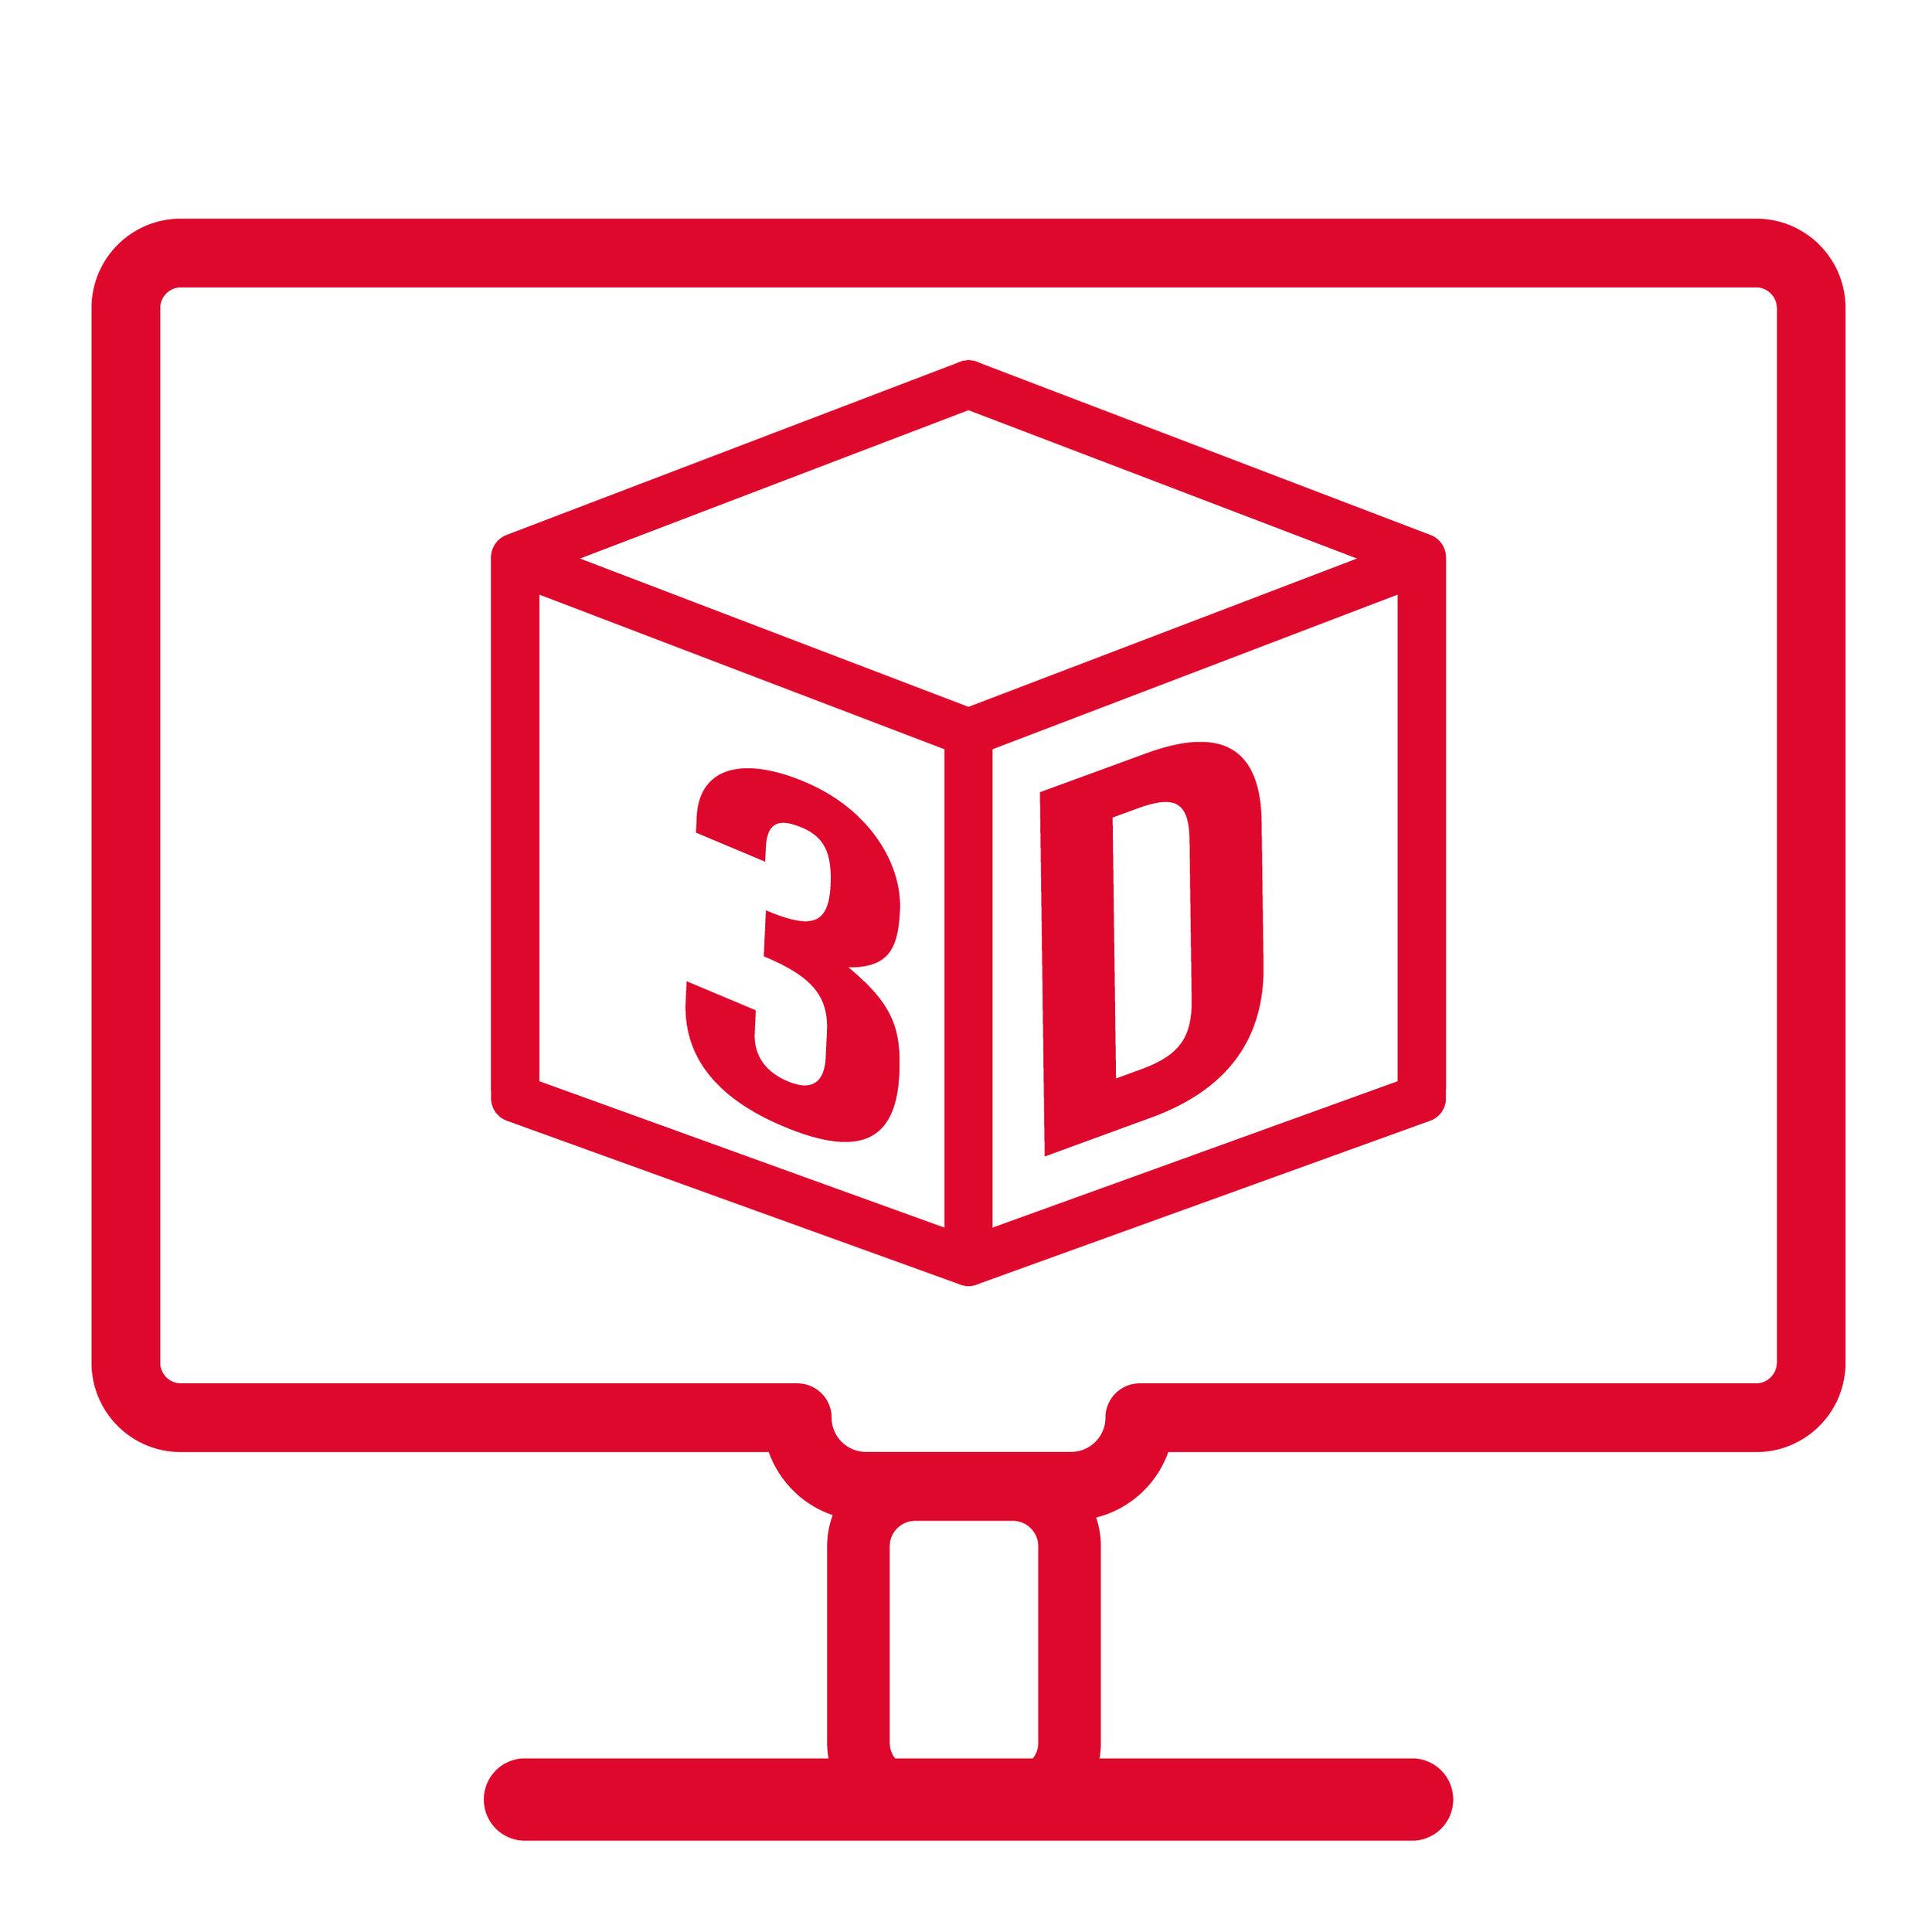 3d icon neu_Zeichenfläche 1_Zeichenfläche 1.jpg